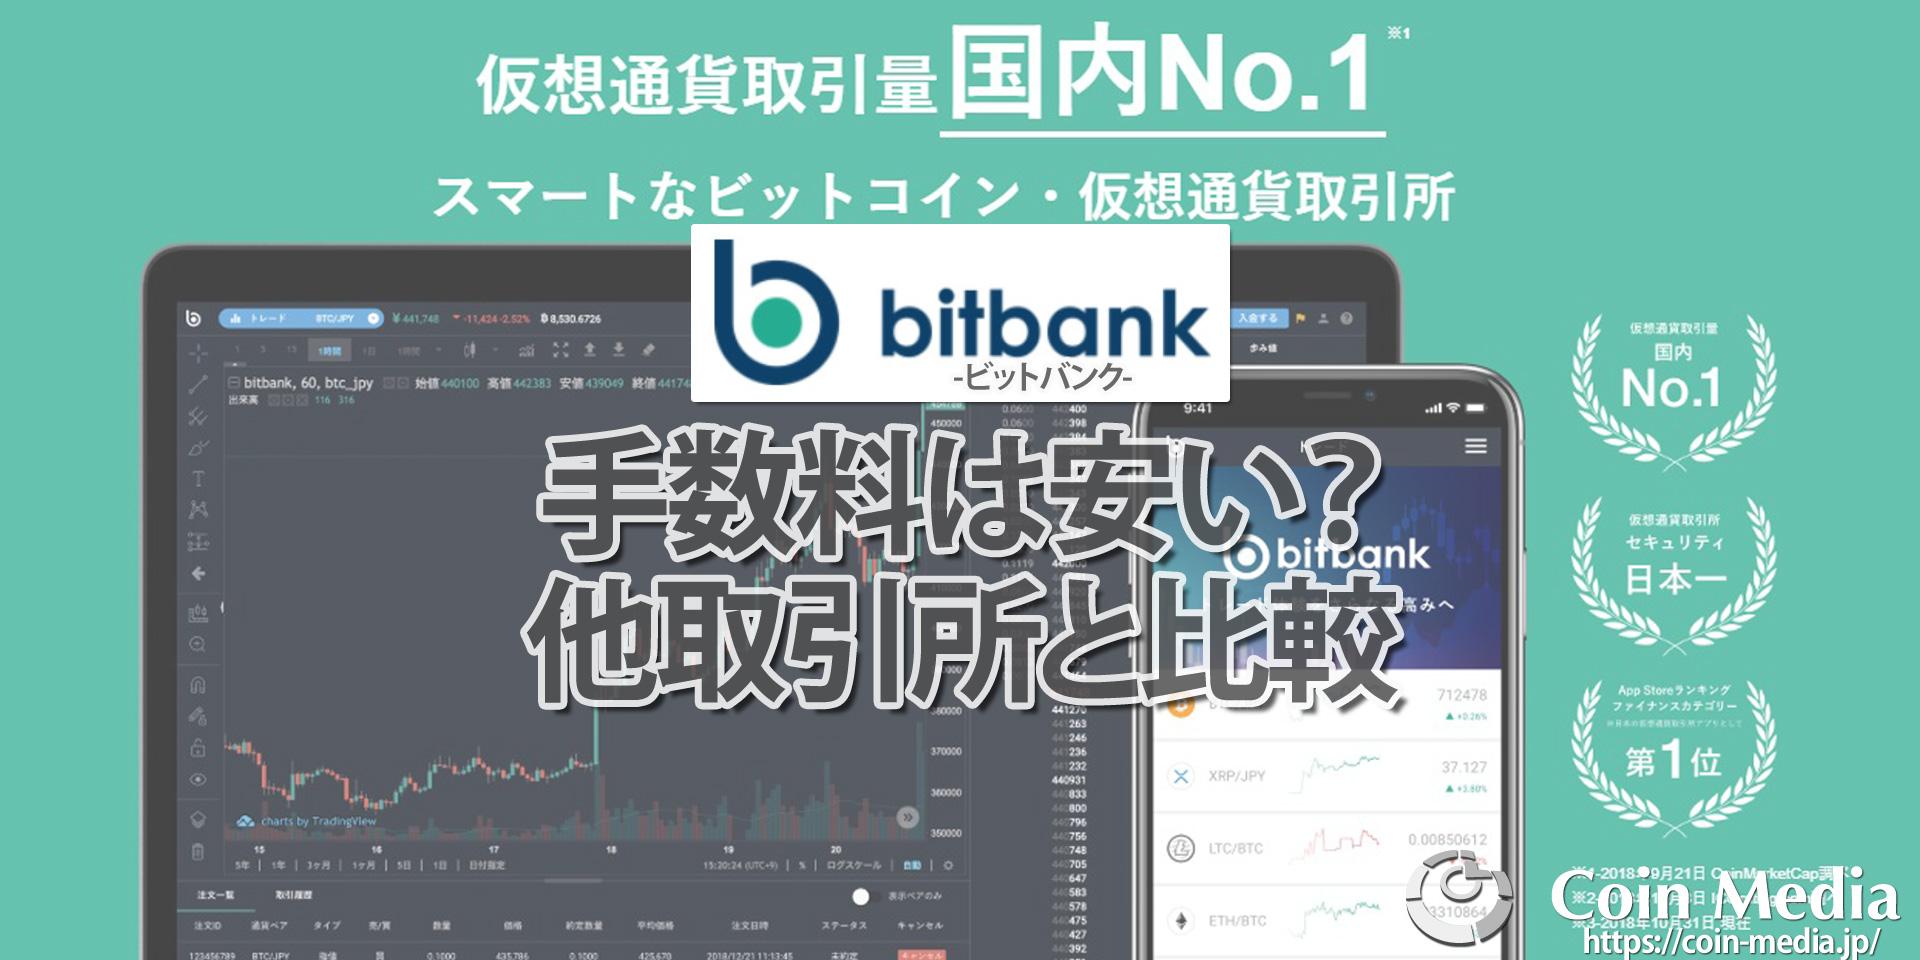 bitbank(ビットバンク)手数料。他の取引所と比較